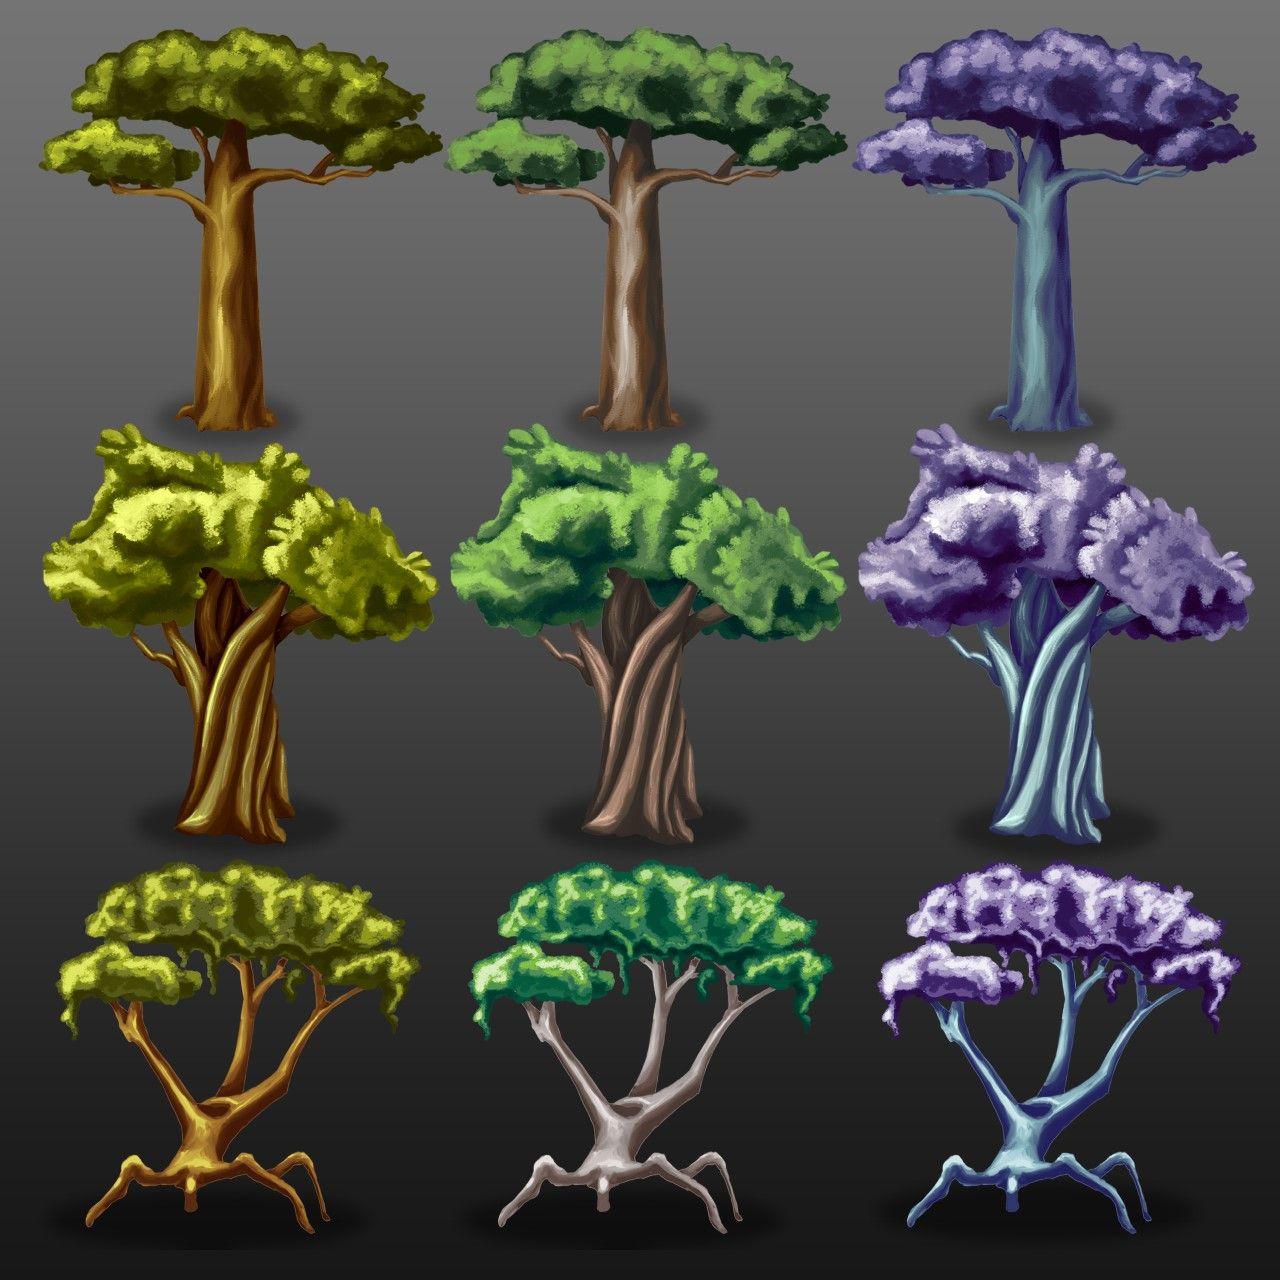 Https:&#x2 F;&#x2 F;d3stdg5so273ei.cloudfront.net&#x2 F;folsiec&#x2 F;2019 06 16&#x2 F;266927&#x2 F;1400x Auto&#x2 F;thumbnail Trees%2520 Detail Folsiec